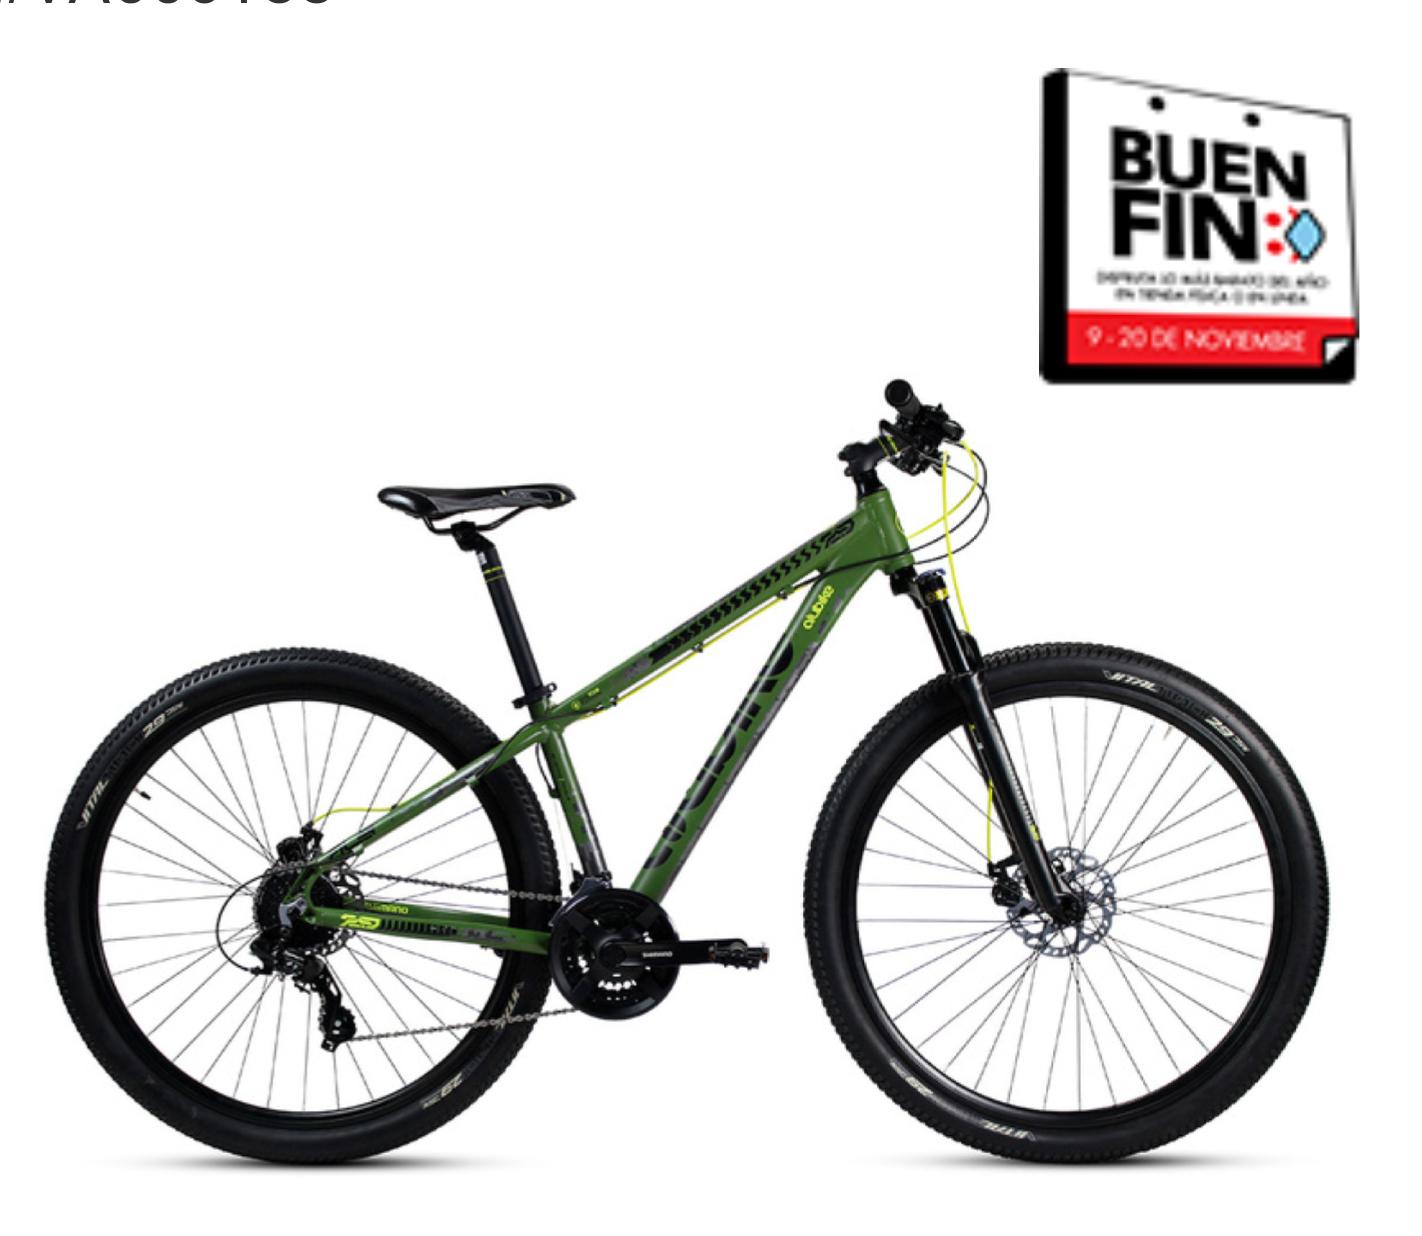 Costco: Bicicleta de Montaña R29, Alubike Slite ( 15% de bonificación con Banamex Costco)